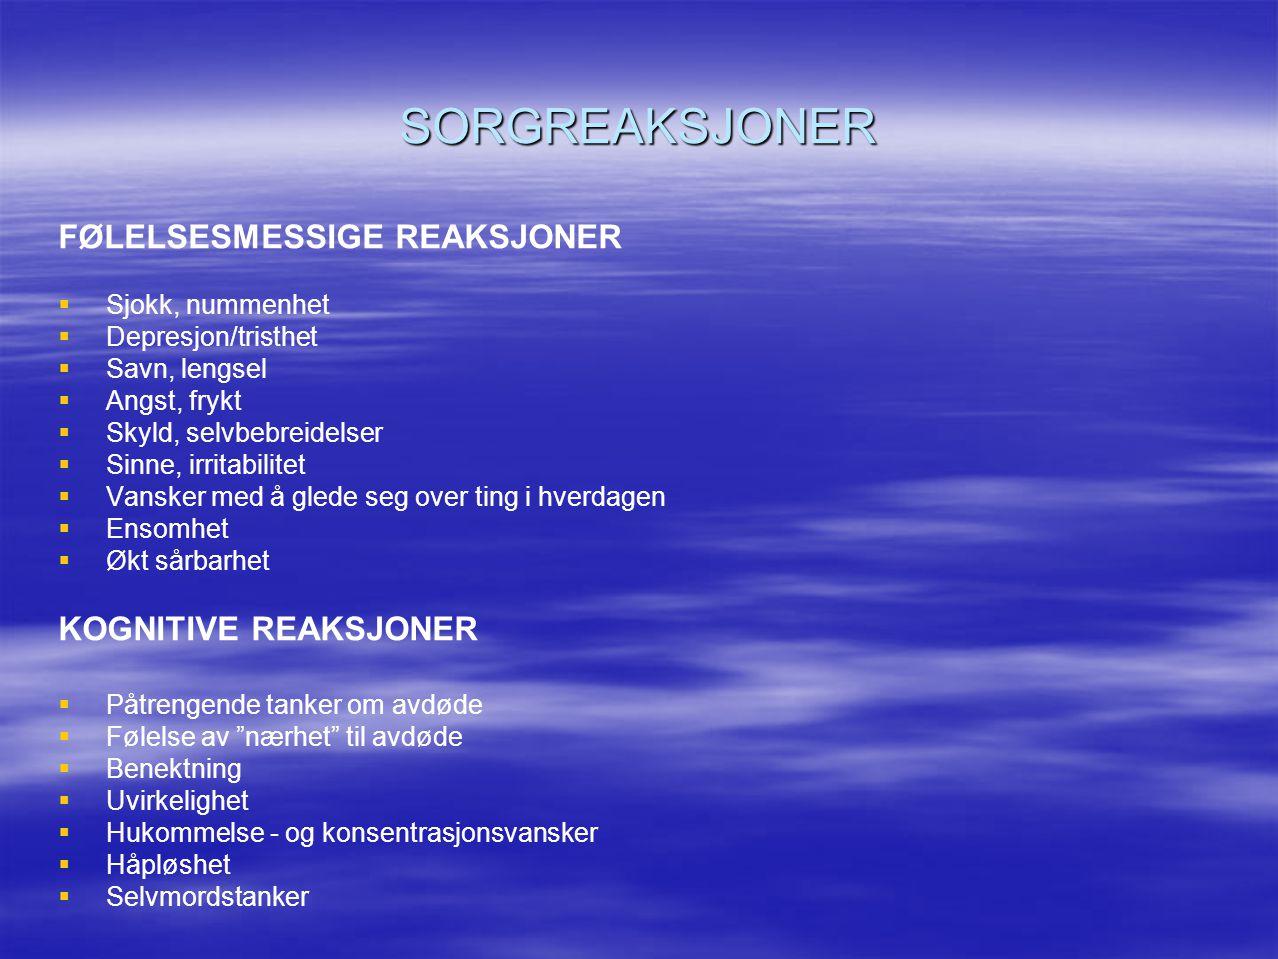 SORGREAKSJONER FØLELSESMESSIGE REAKSJONER   Sjokk, nummenhet   Depresjon/tristhet   Savn, lengsel   Angst, frykt   Skyld, selvbebreidelser 